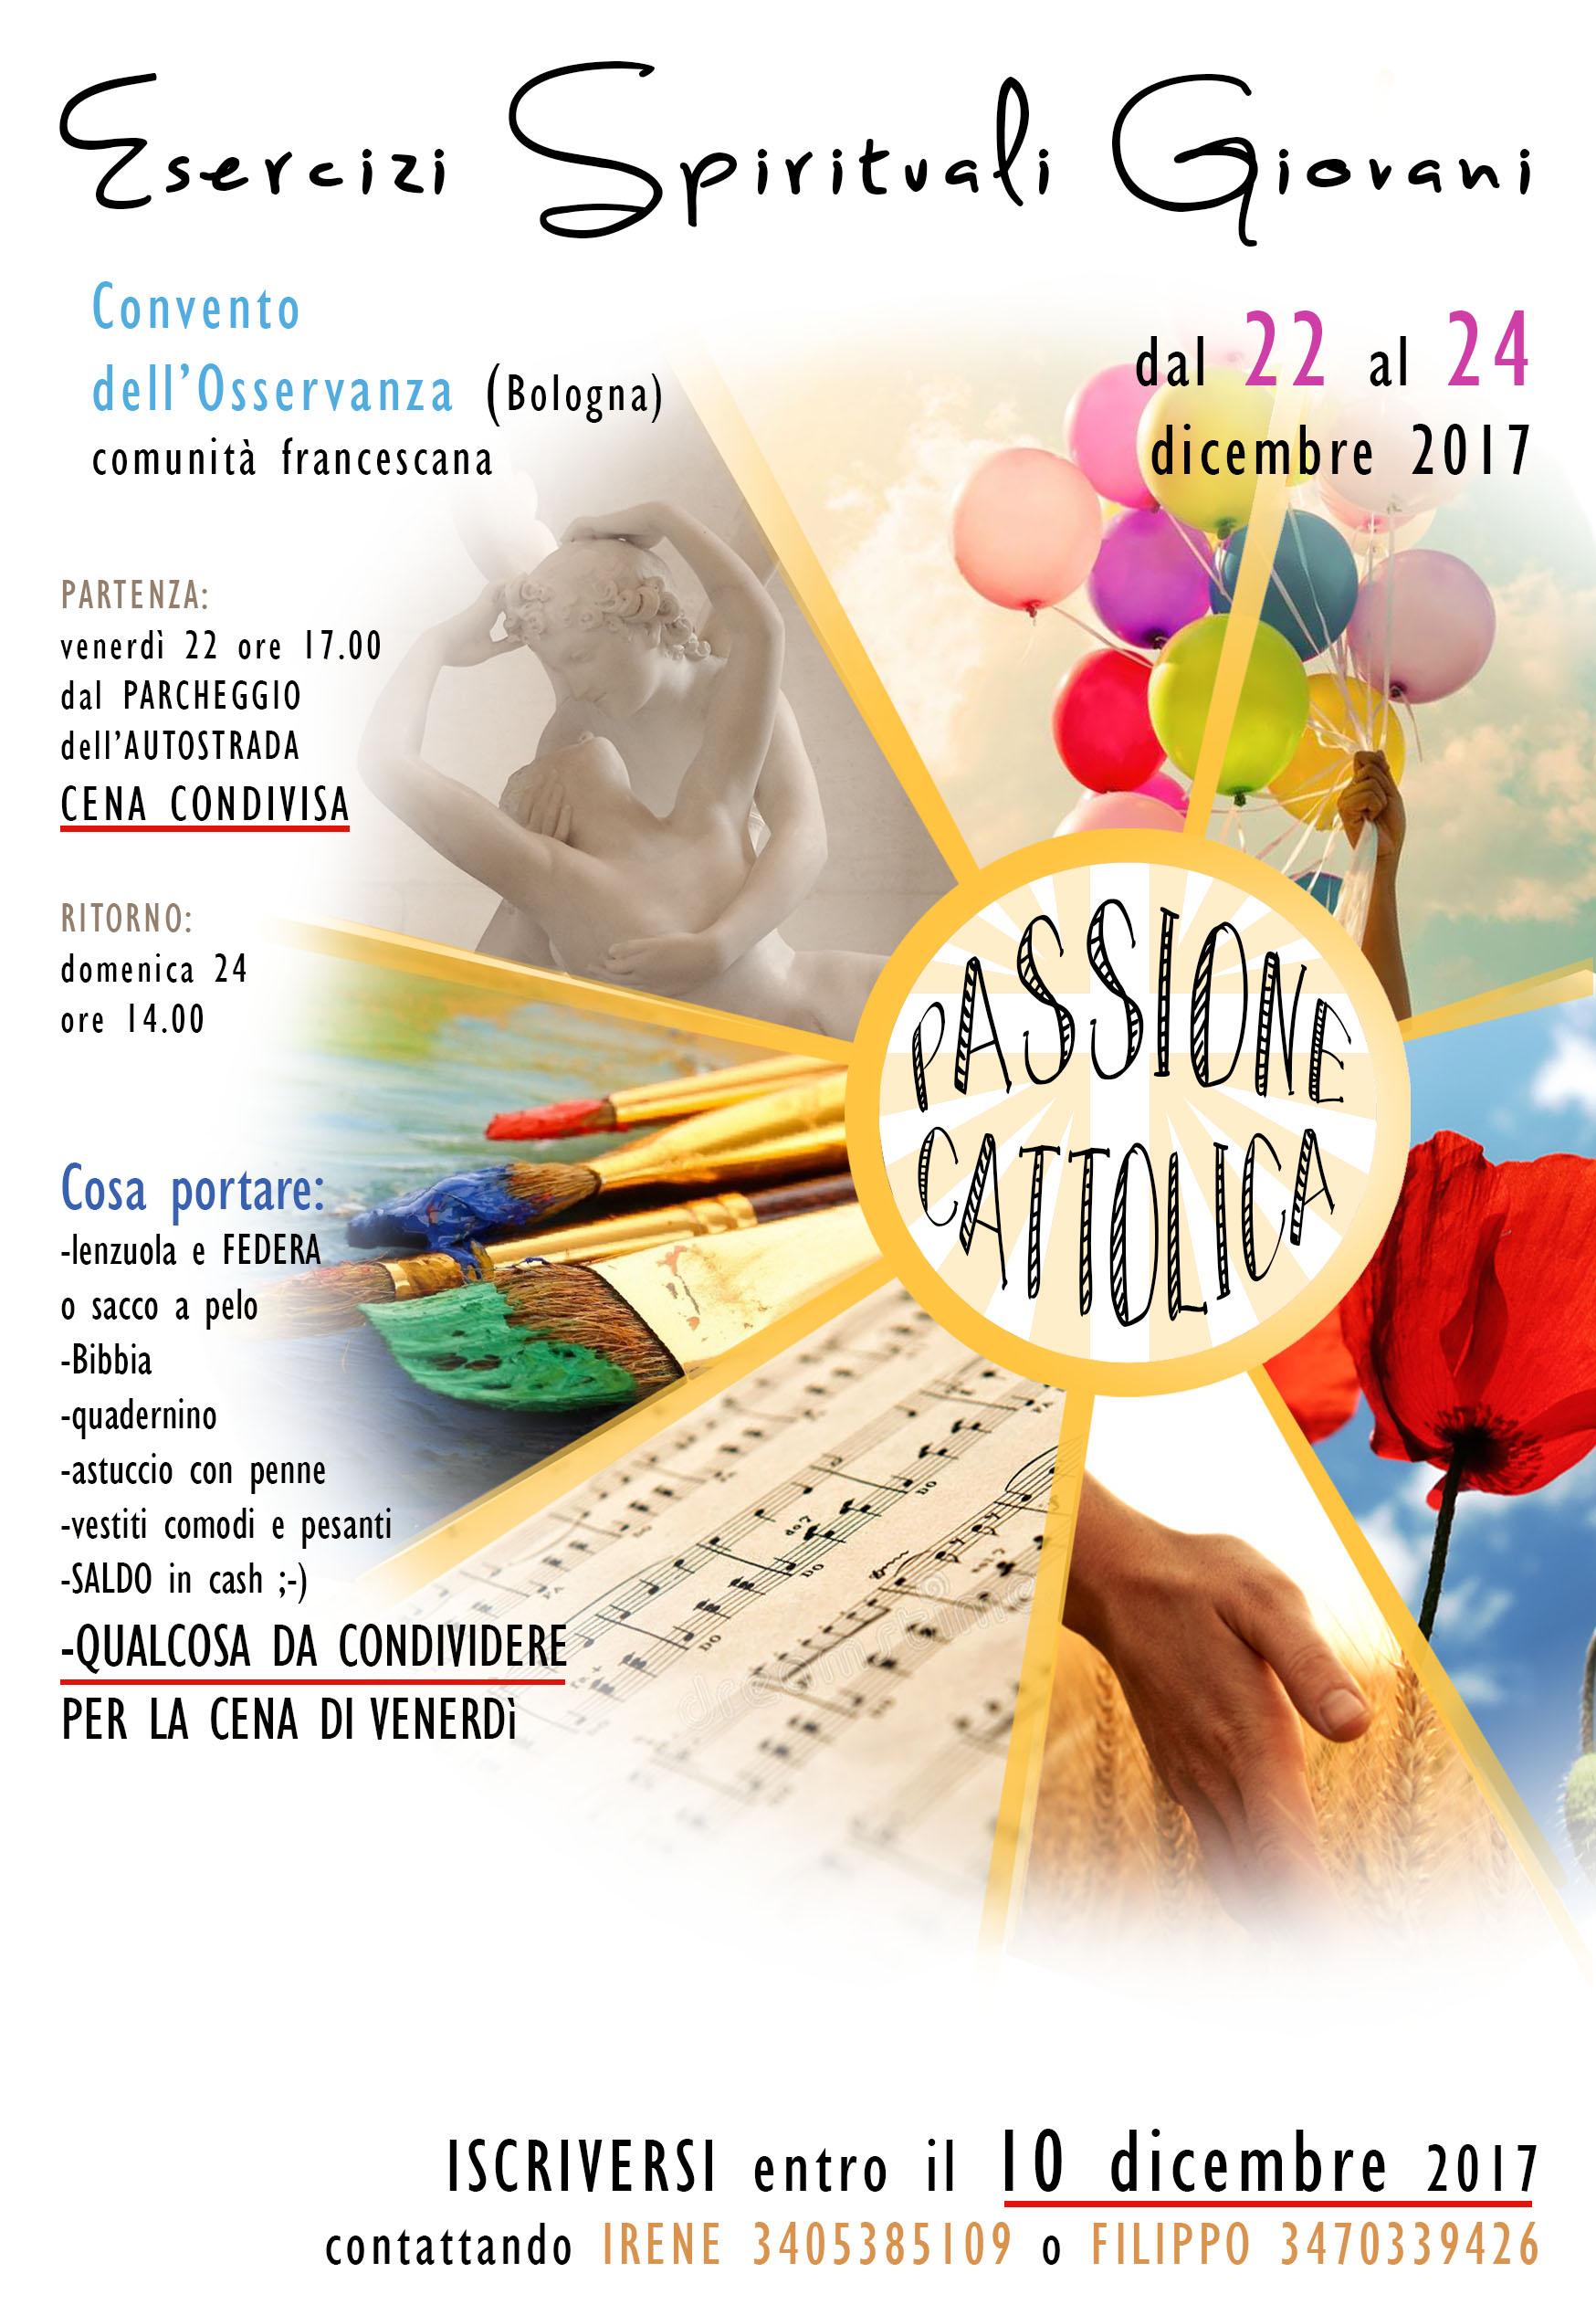 Calendario Esercizi Spirituali 2020.Esercizi Spirituali Giovani 2017 Passione Cattolica